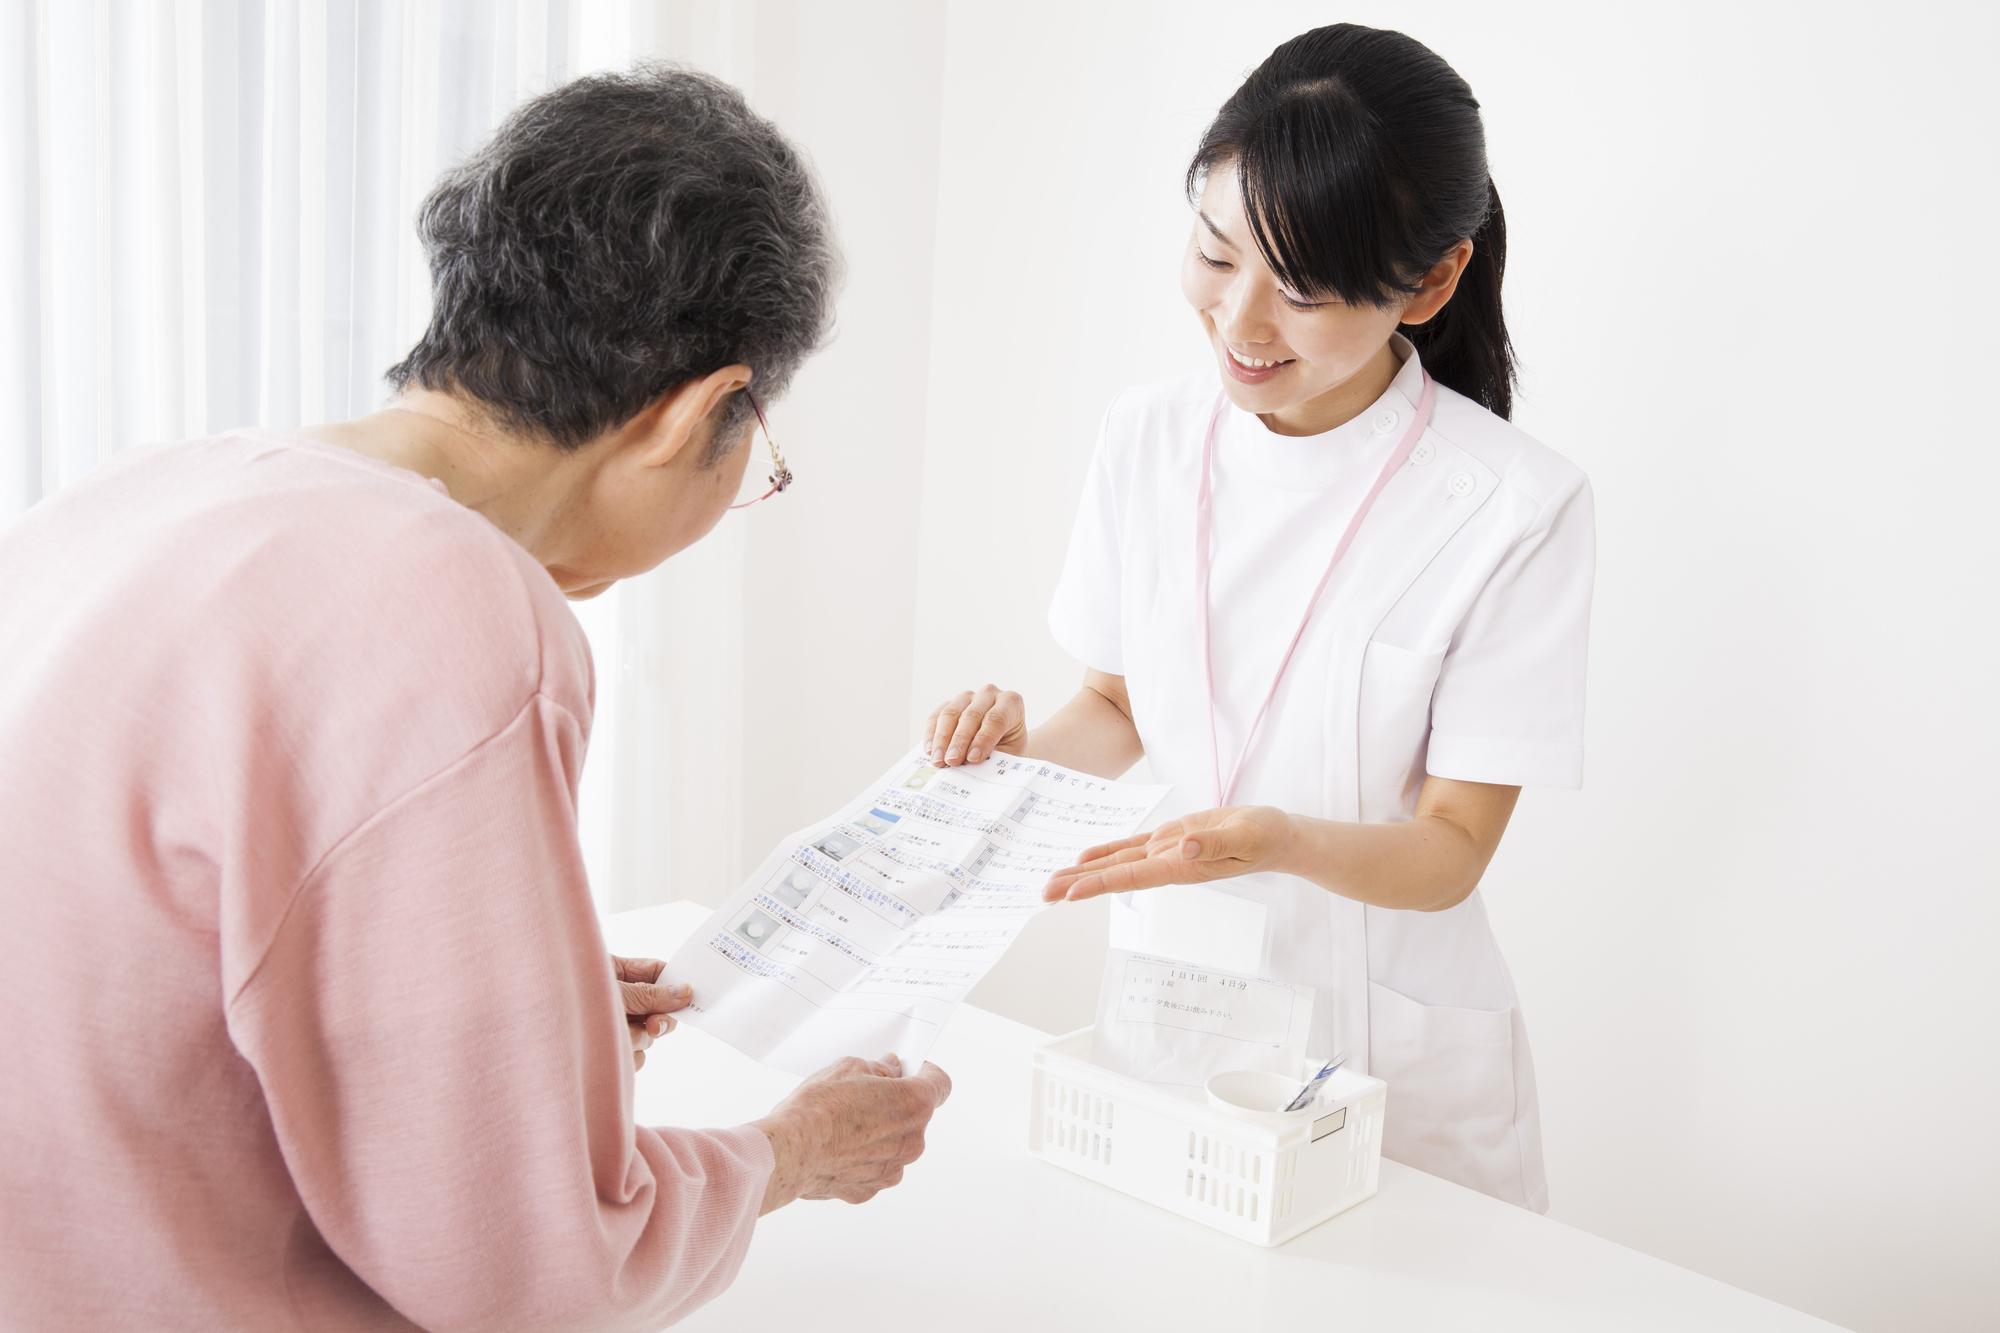 薬剤師派遣のメリット